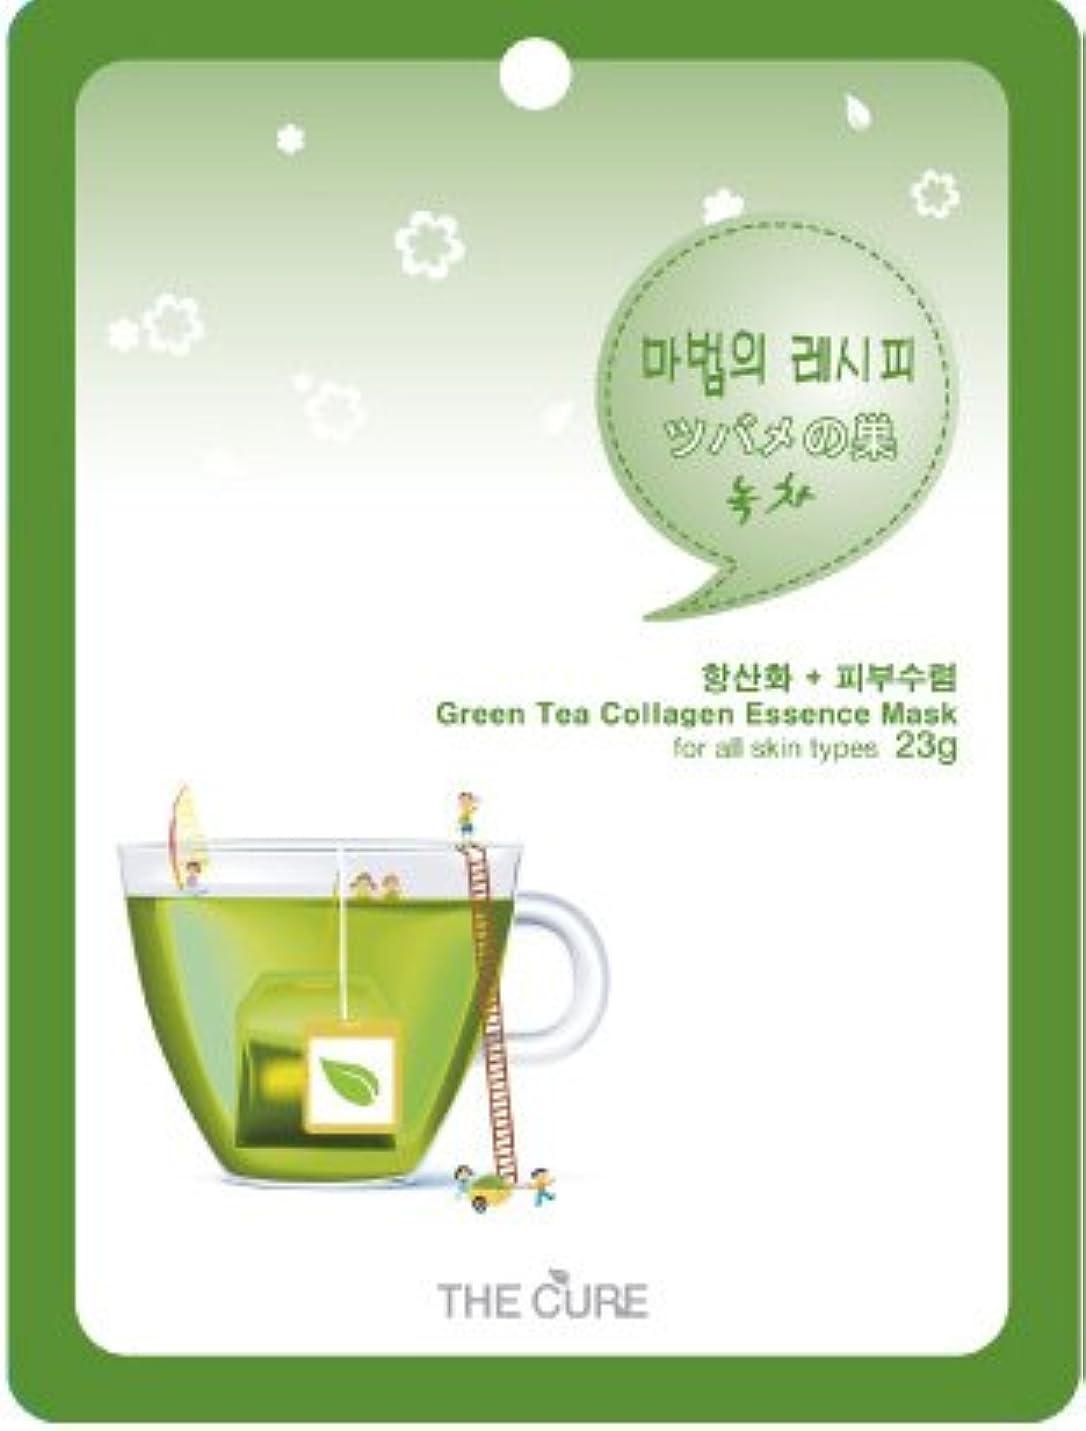 デコラティブ教授バイオリニスト緑茶 コラーゲン エッセンス マスク THE CURE シート パック 10枚セット 韓国 コスメ 乾燥肌 オイリー肌 混合肌